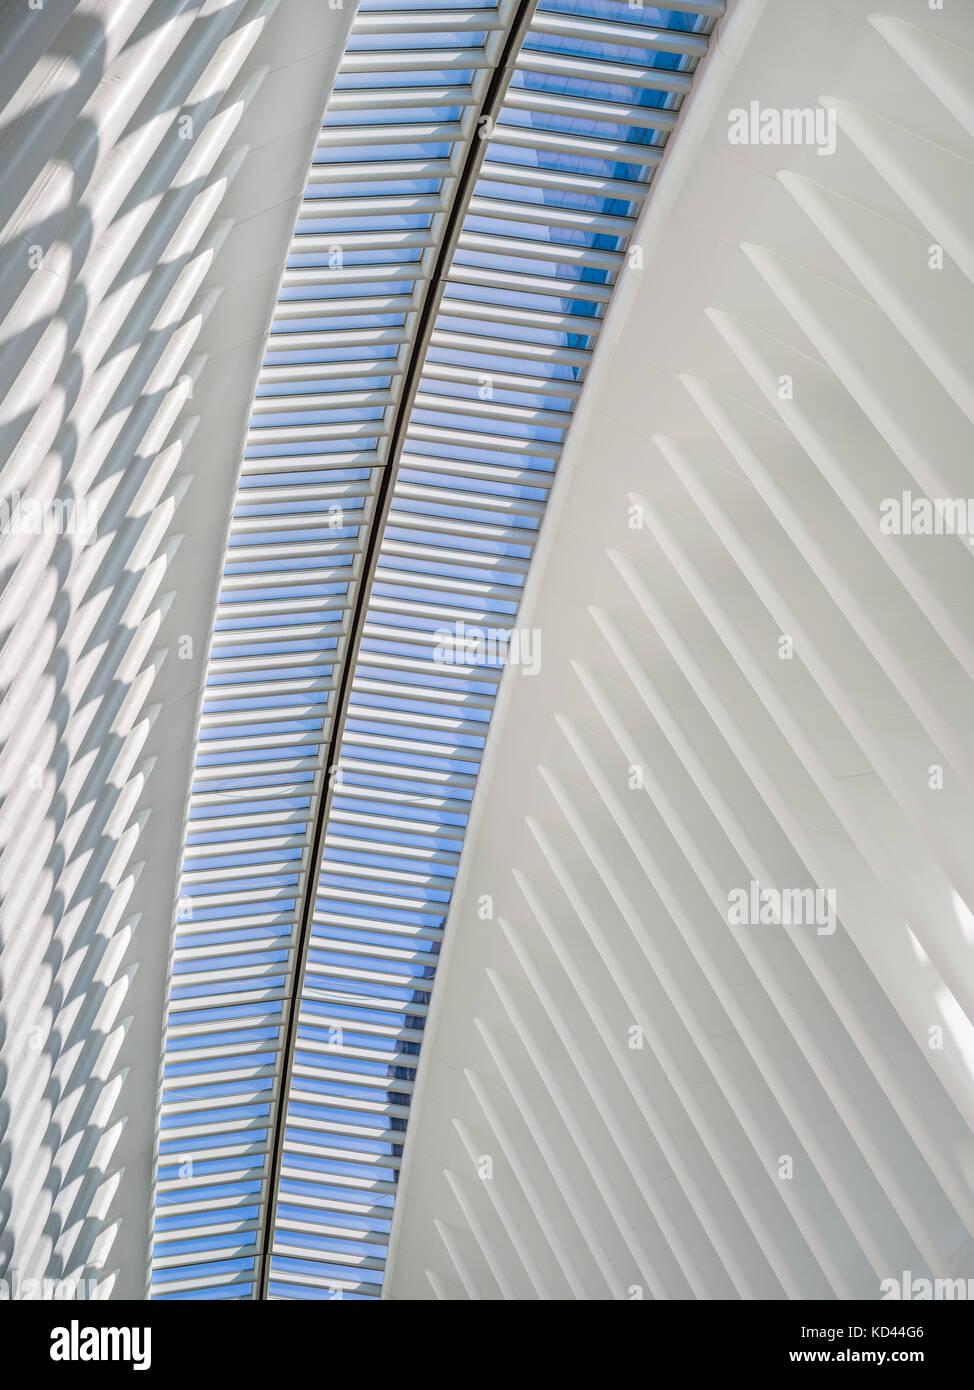 Vista interior de la oculus, Westfield World Trade Center. Concentrador de transporte diseñado por Santiago Imagen De Stock